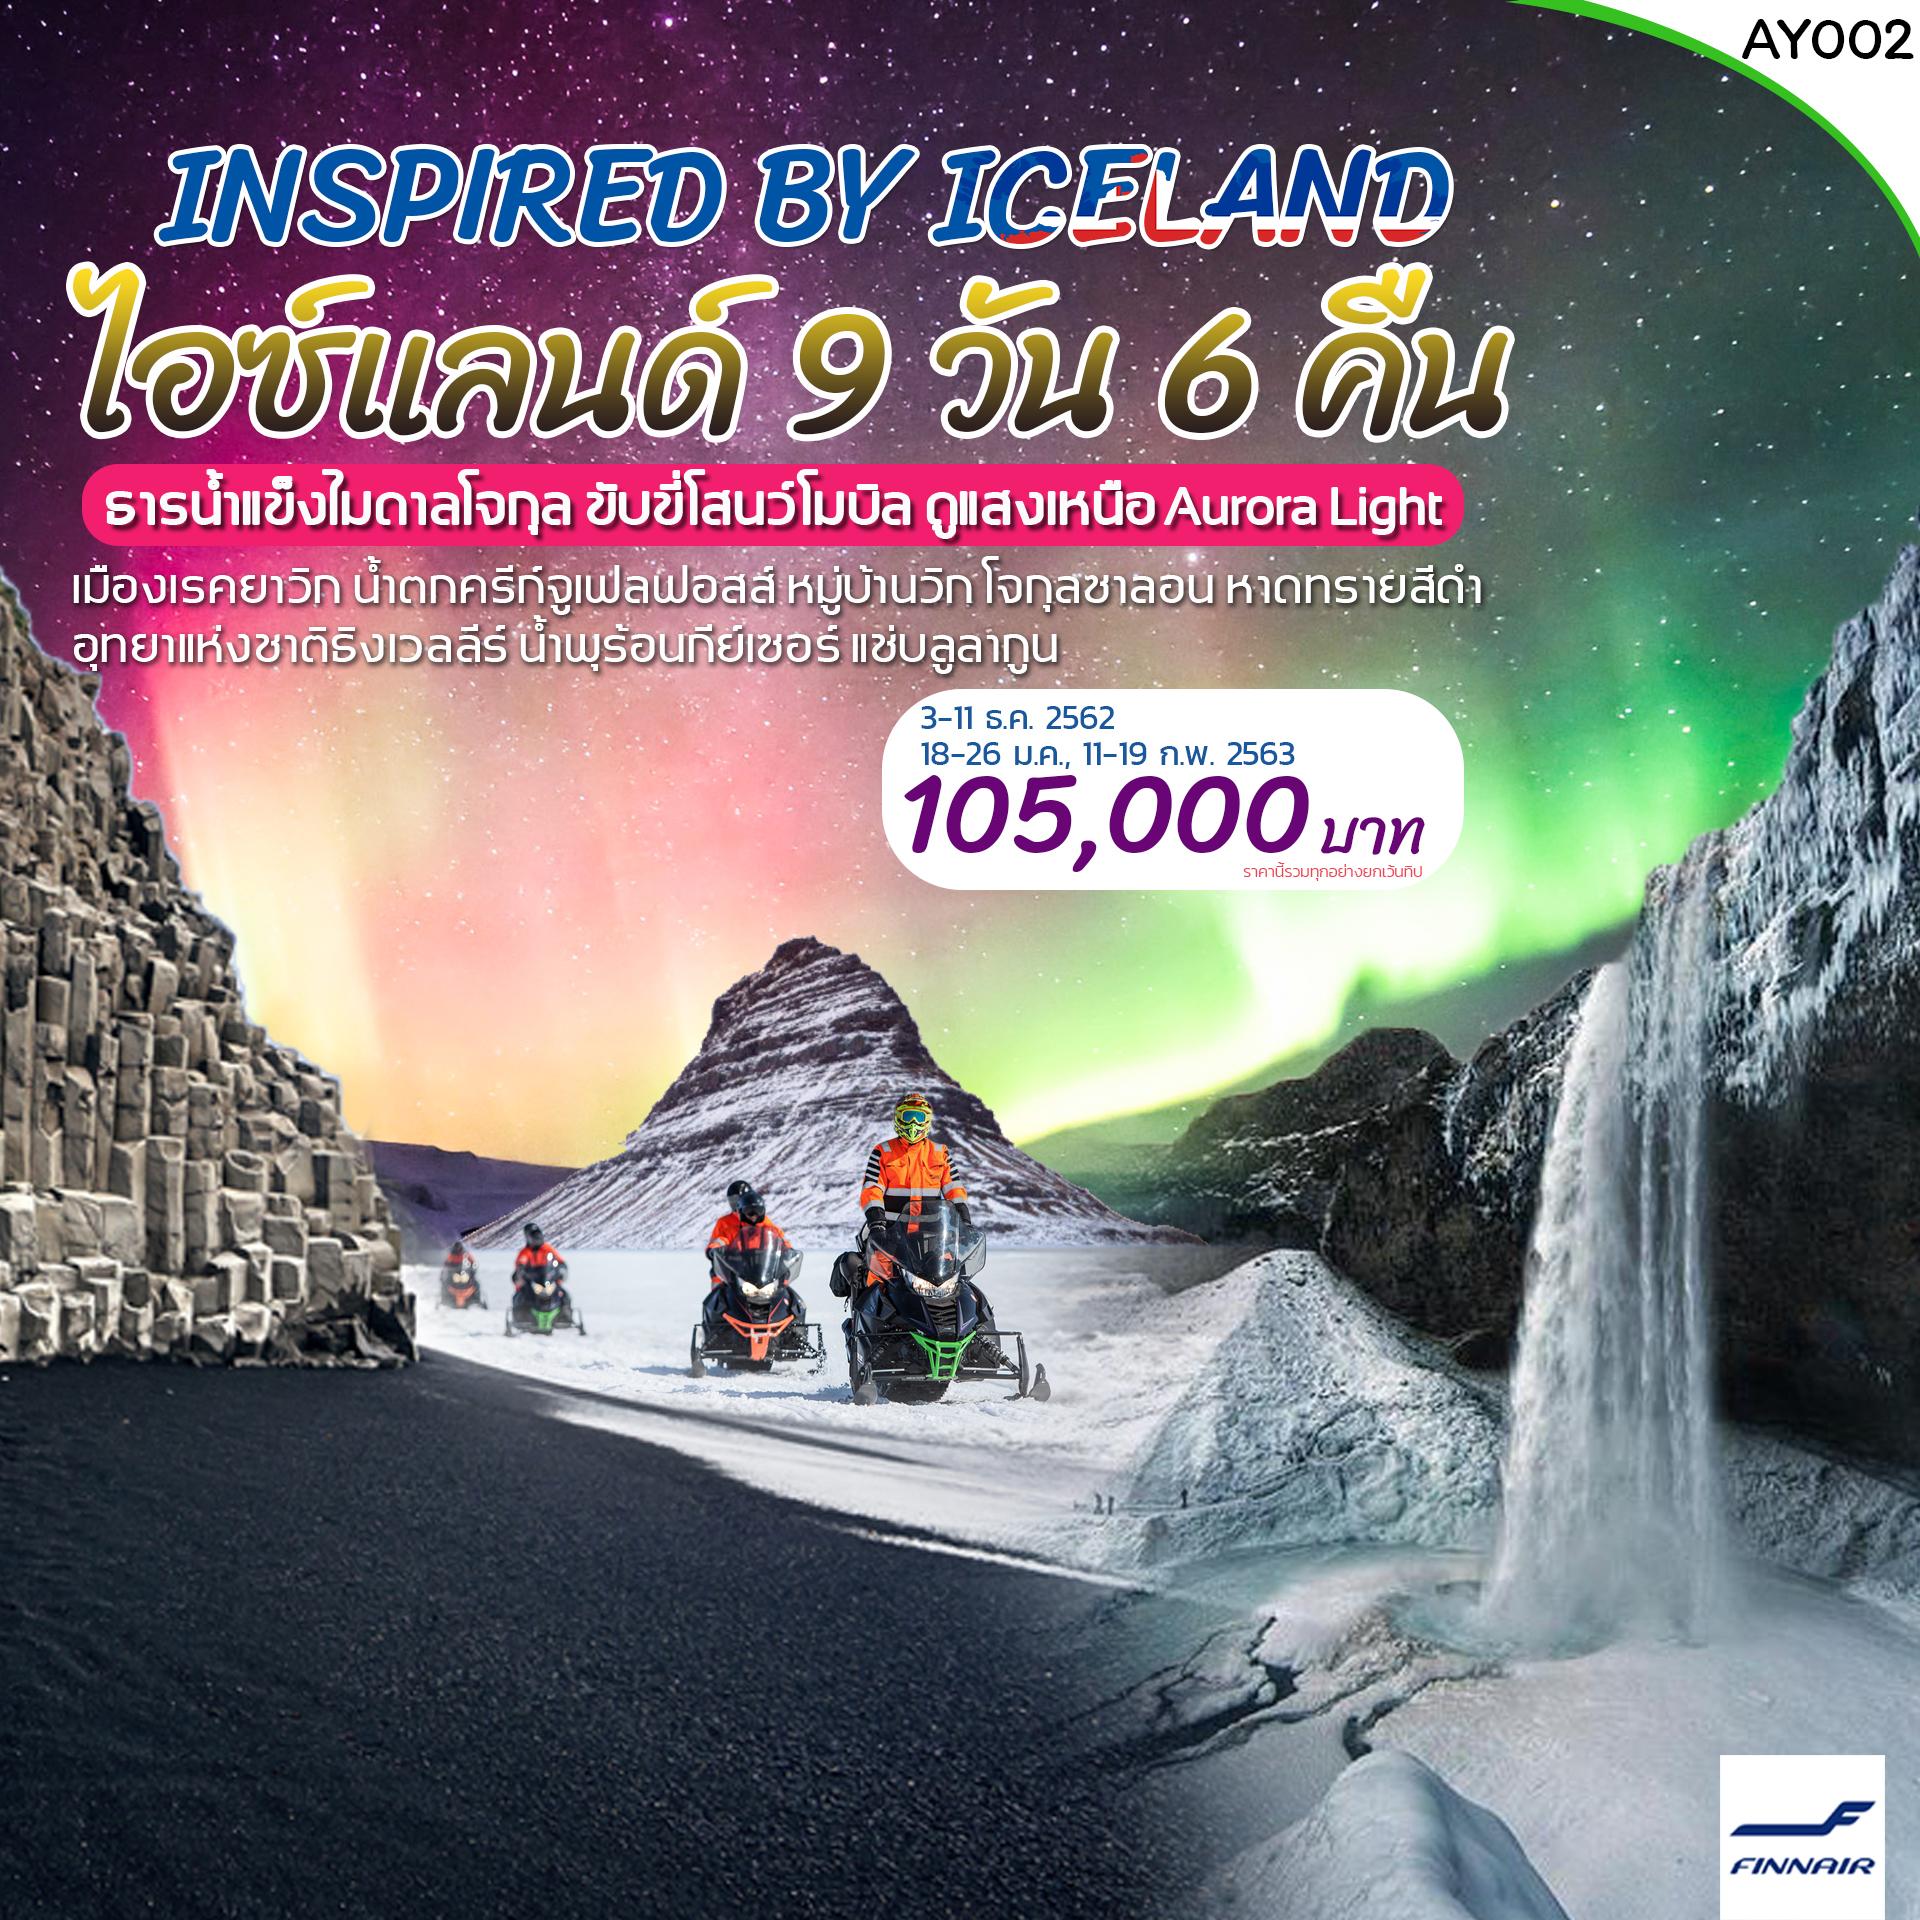 ทัวร์ยุโรป-WINTER-INSPIRED-BY-ICELAND-9วัน-6คืน-(DEC19-FEB20)AY002